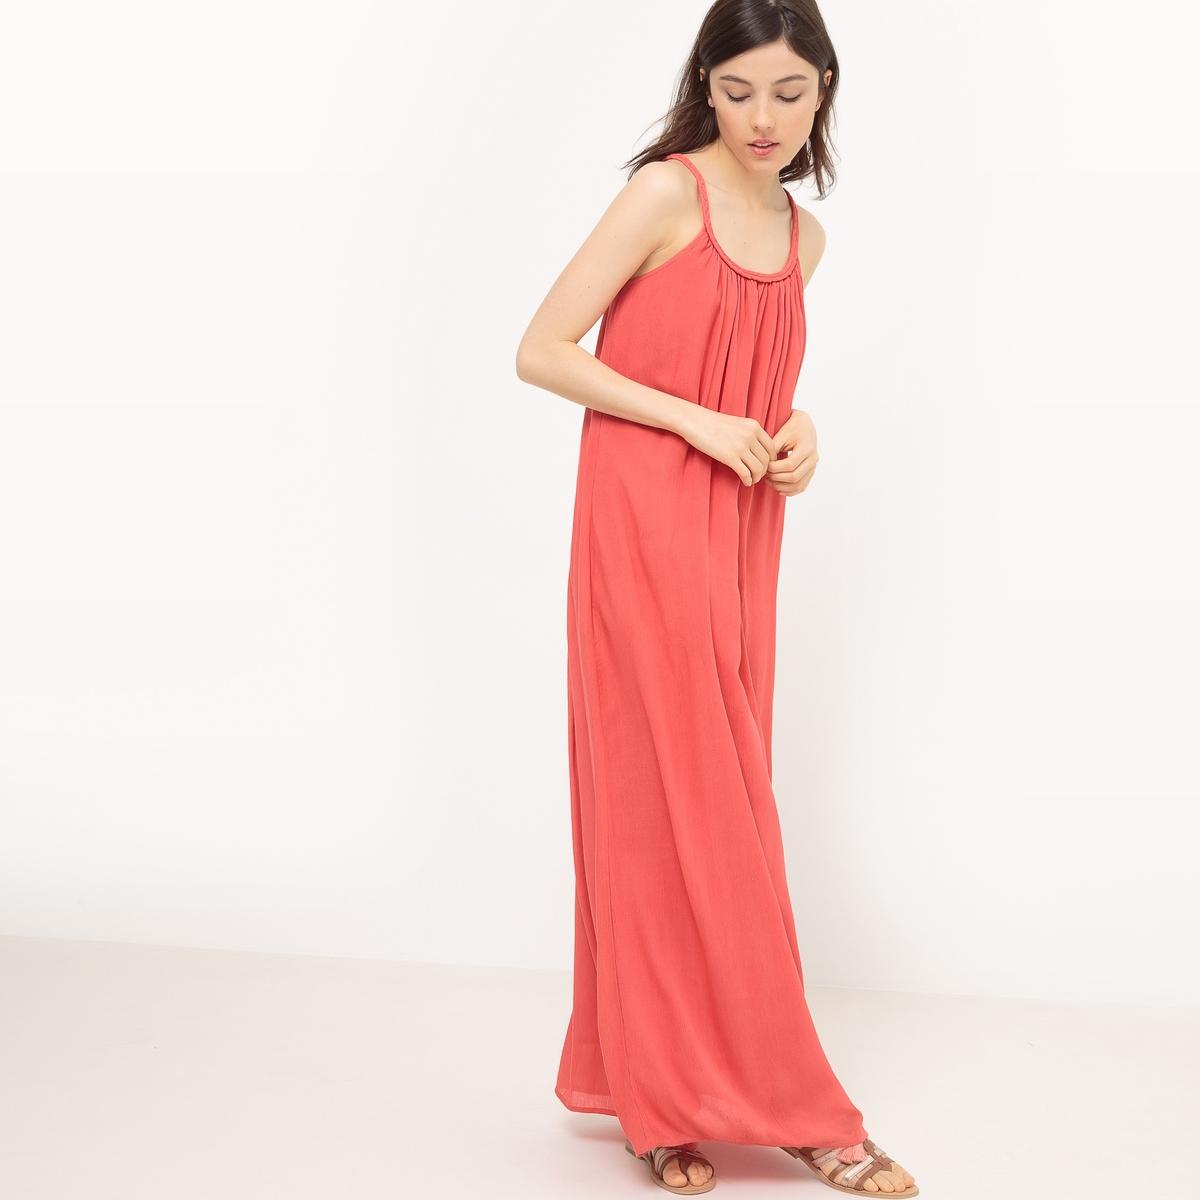 Платье длинное с тонкими бретелямиМатериал : 100% вискозаПодкладка : 100% хлопок       Уход :Машинная стирка при 30 °CСтирать с вещами схожих цветовГладить при низкой температуре<br><br>Цвет: оранжевый,слоновая кость